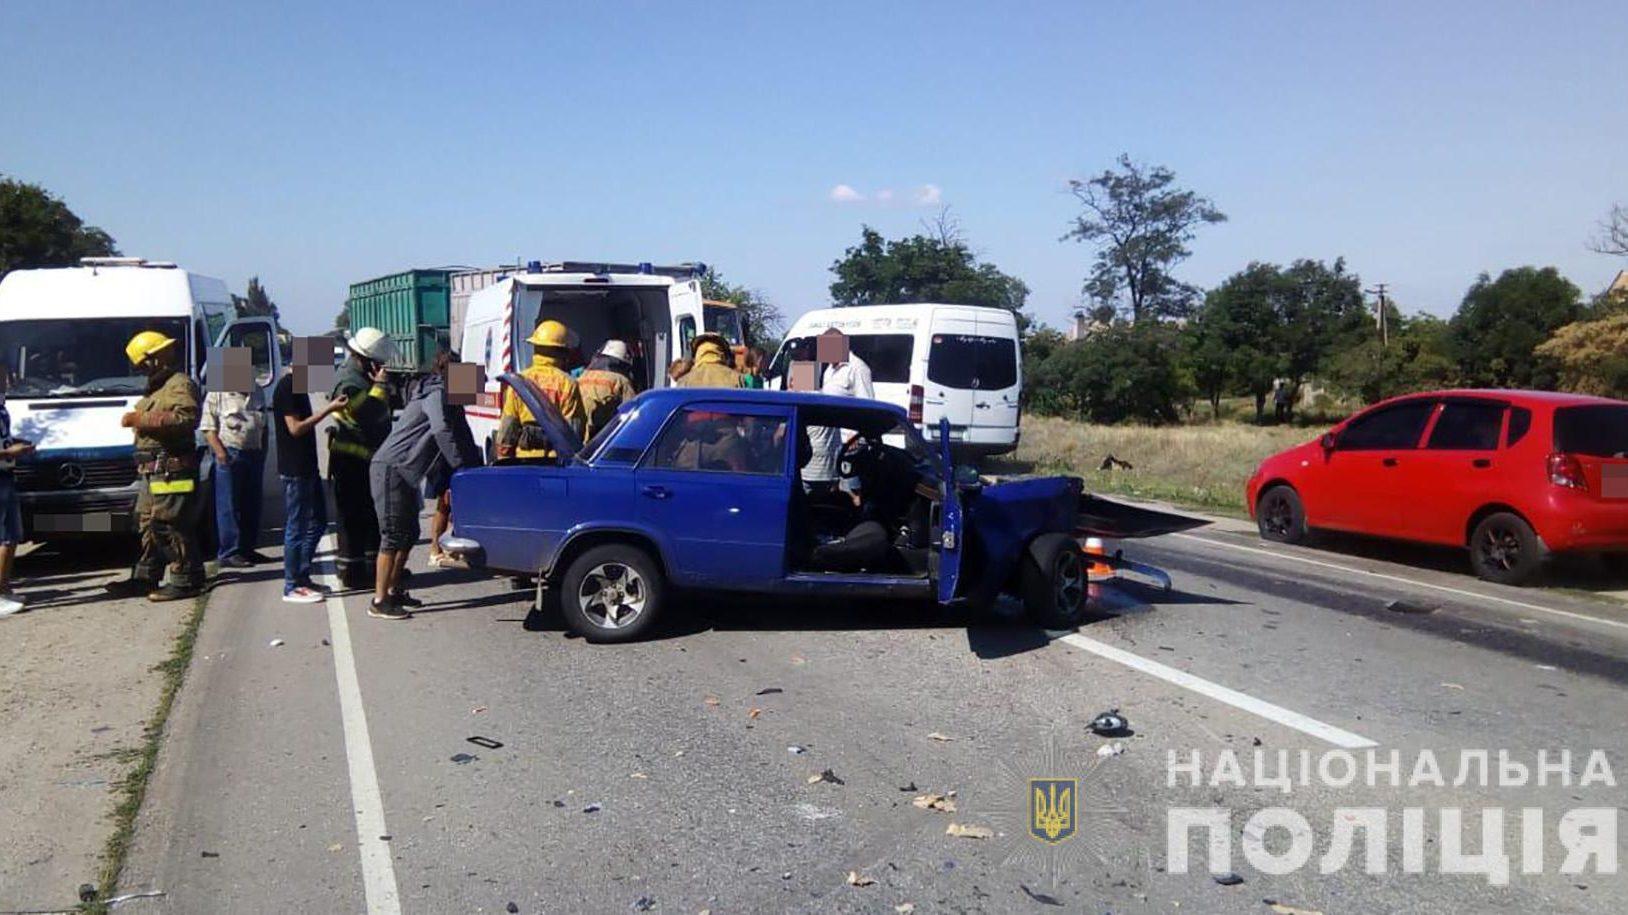 На трасі в Запорізькій області сталося потрійне ДТП: є постраждалі - ФОТО